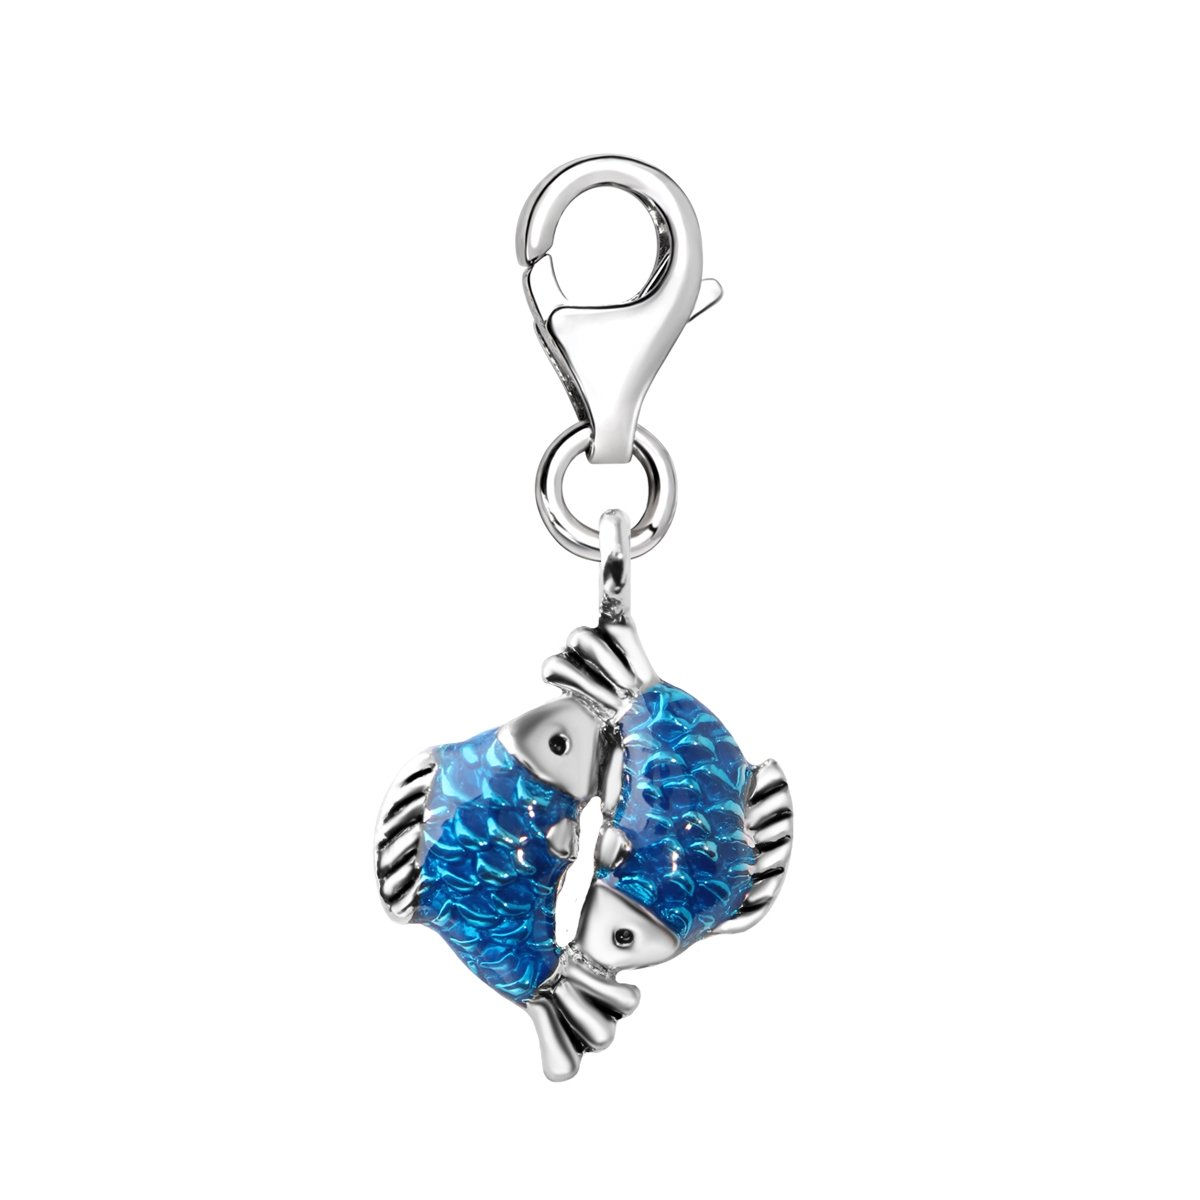 Quiges - Charm Bedel Hanger 3D Vissen Blauw - Dames - zilverkleurig - QHC136 kopen